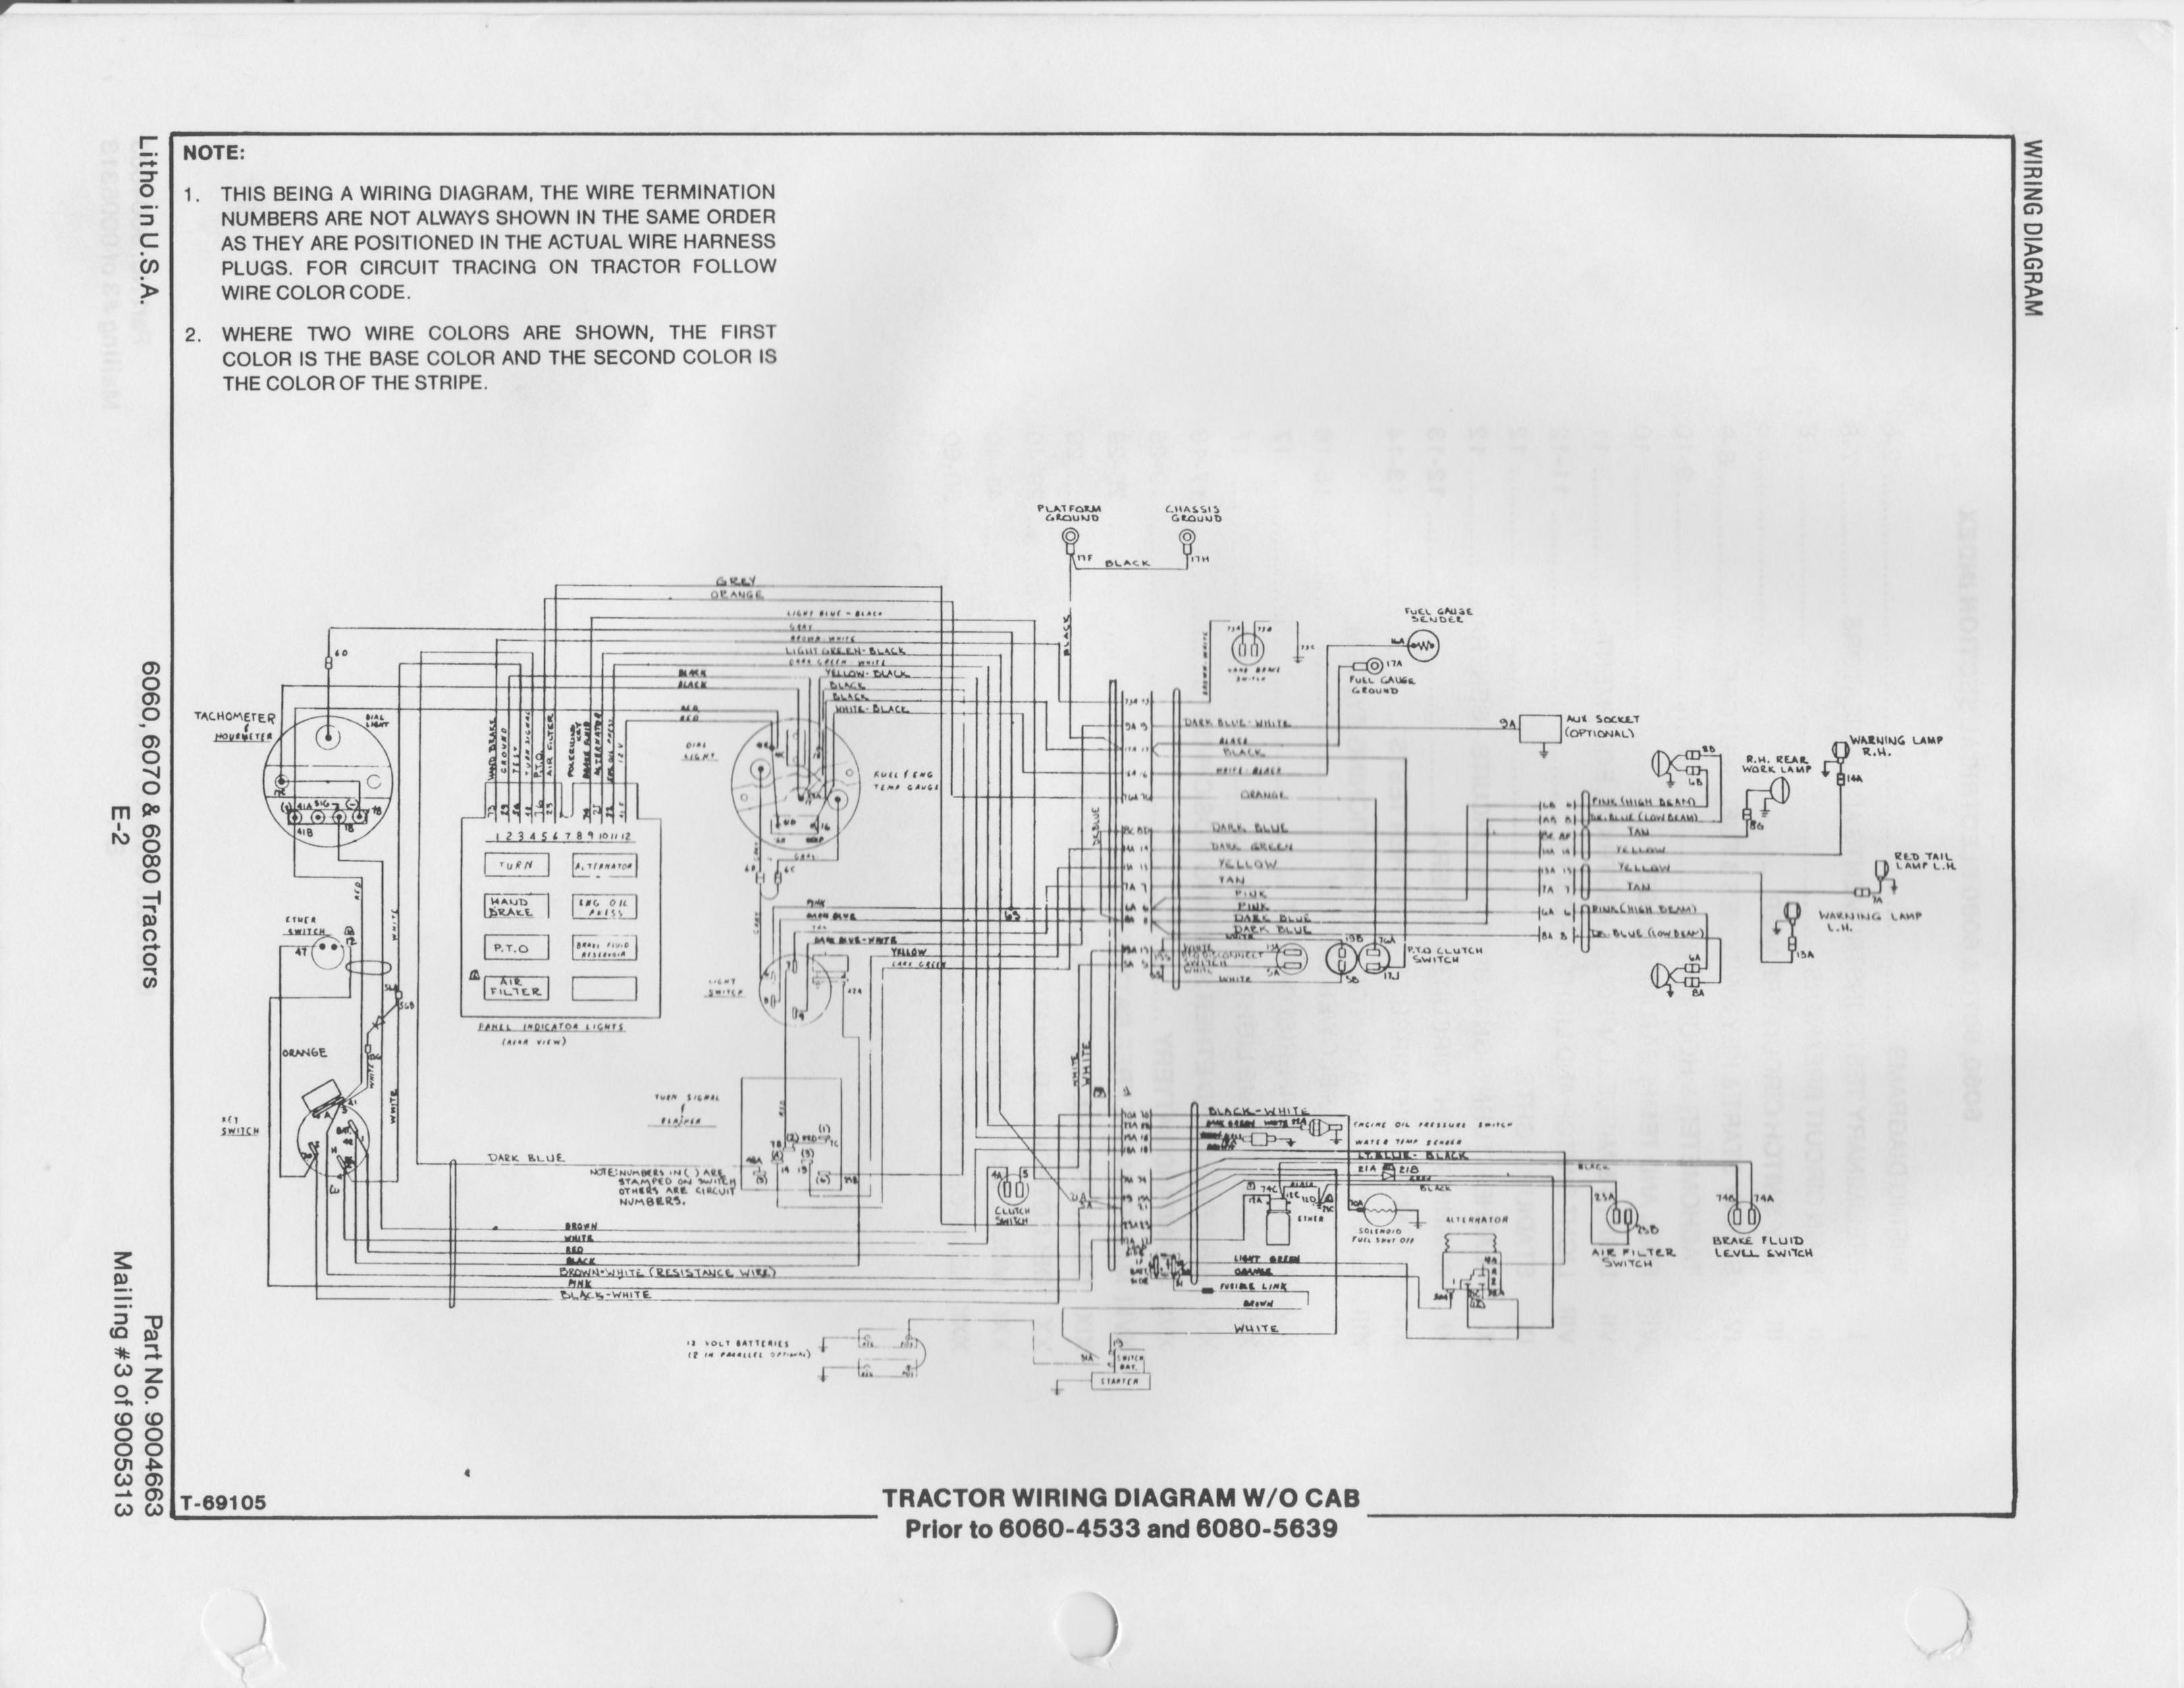 Allis Chalmers D14 Wiring Diagram - All Diagram Schematics on